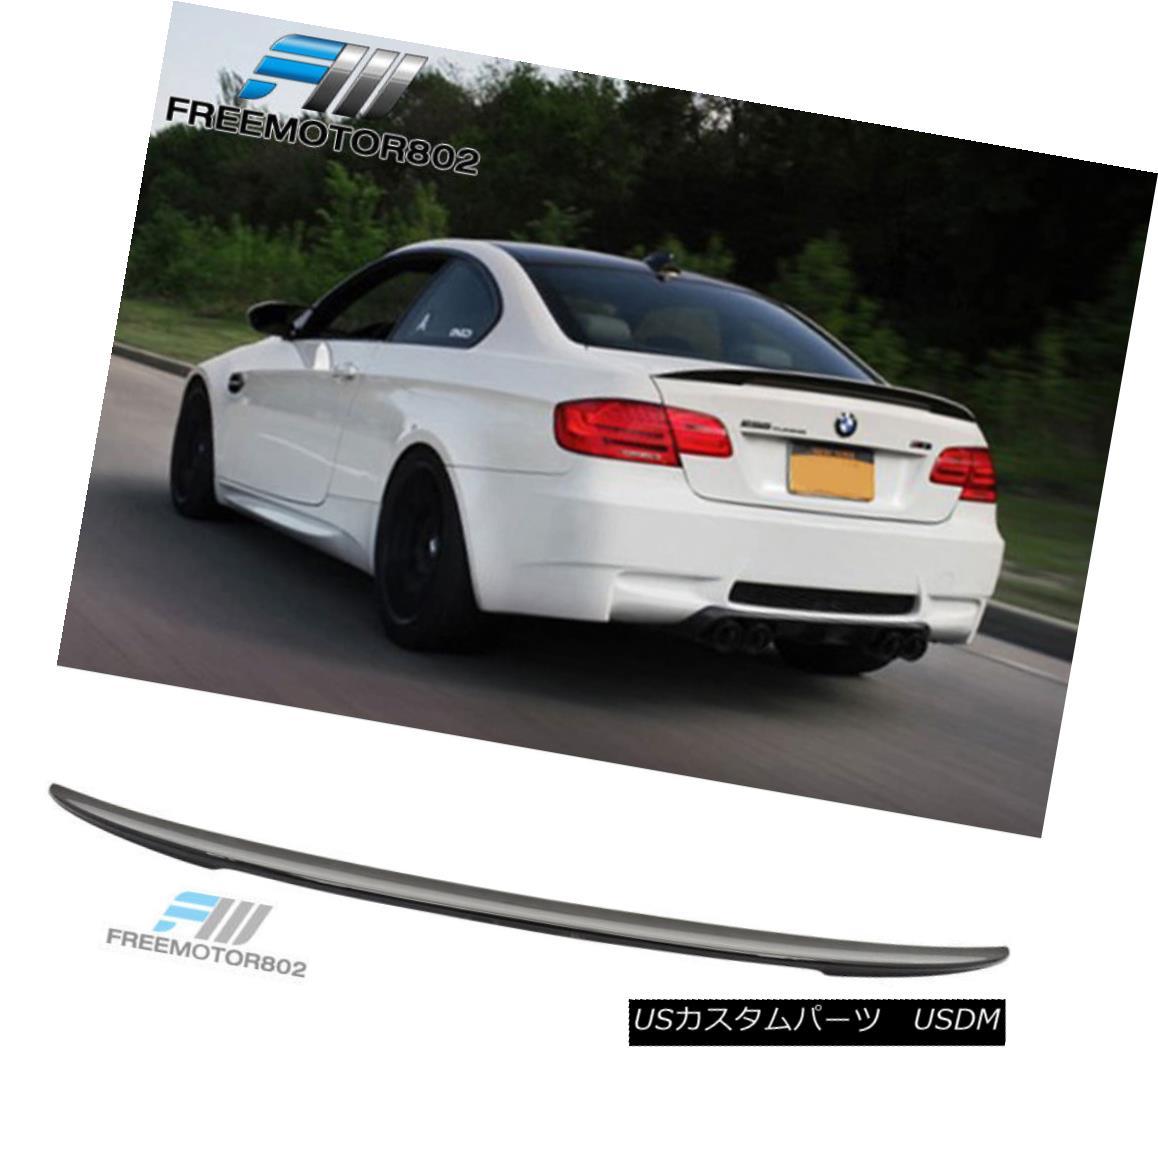 エアロパーツ Fit 07-13 BMW E92 Coupe 3-Series Rear Trunk Spoiler Painted Black Sapphire #475 フィット07-13 BMW E92クーペ3シリーズリアトランク・スポイラー・ブラック・サファイア#475